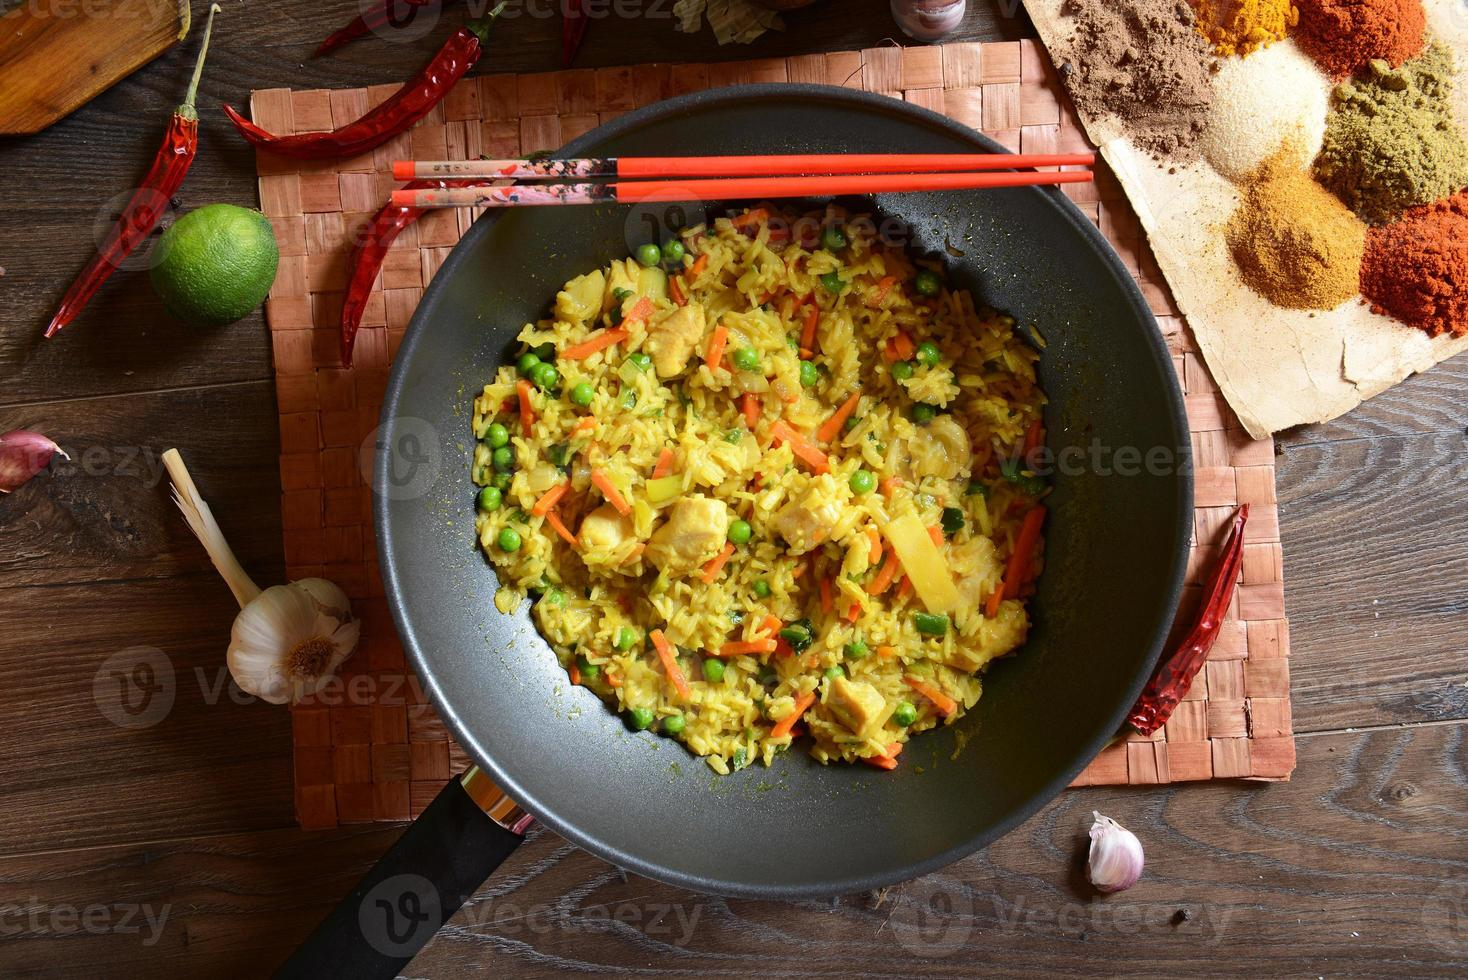 riz nasi goreng photo